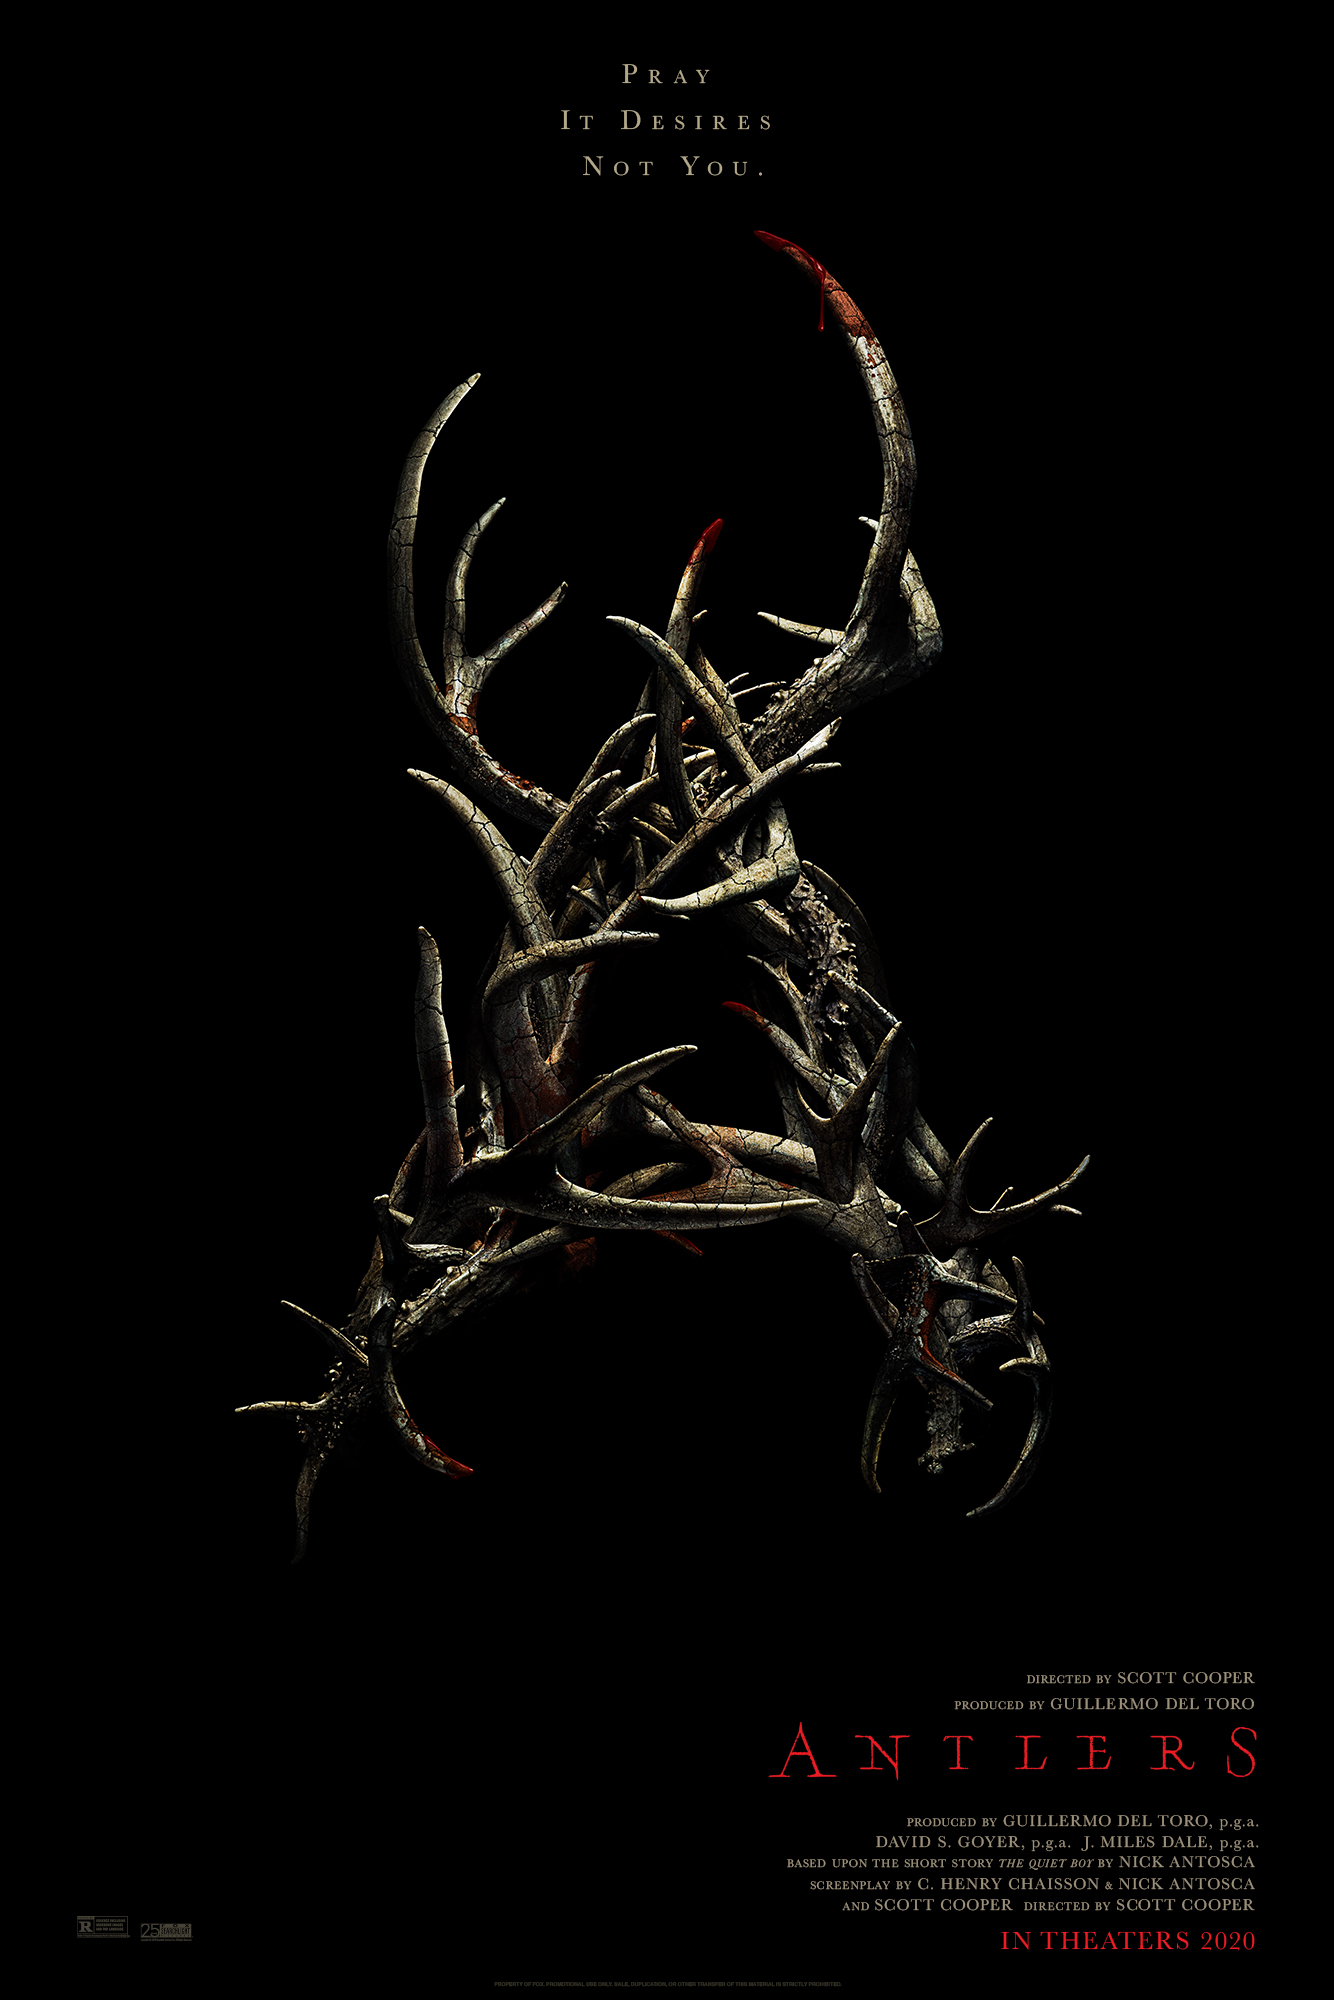 """Résultat de recherche d'images pour """"antlers scott cooper"""""""